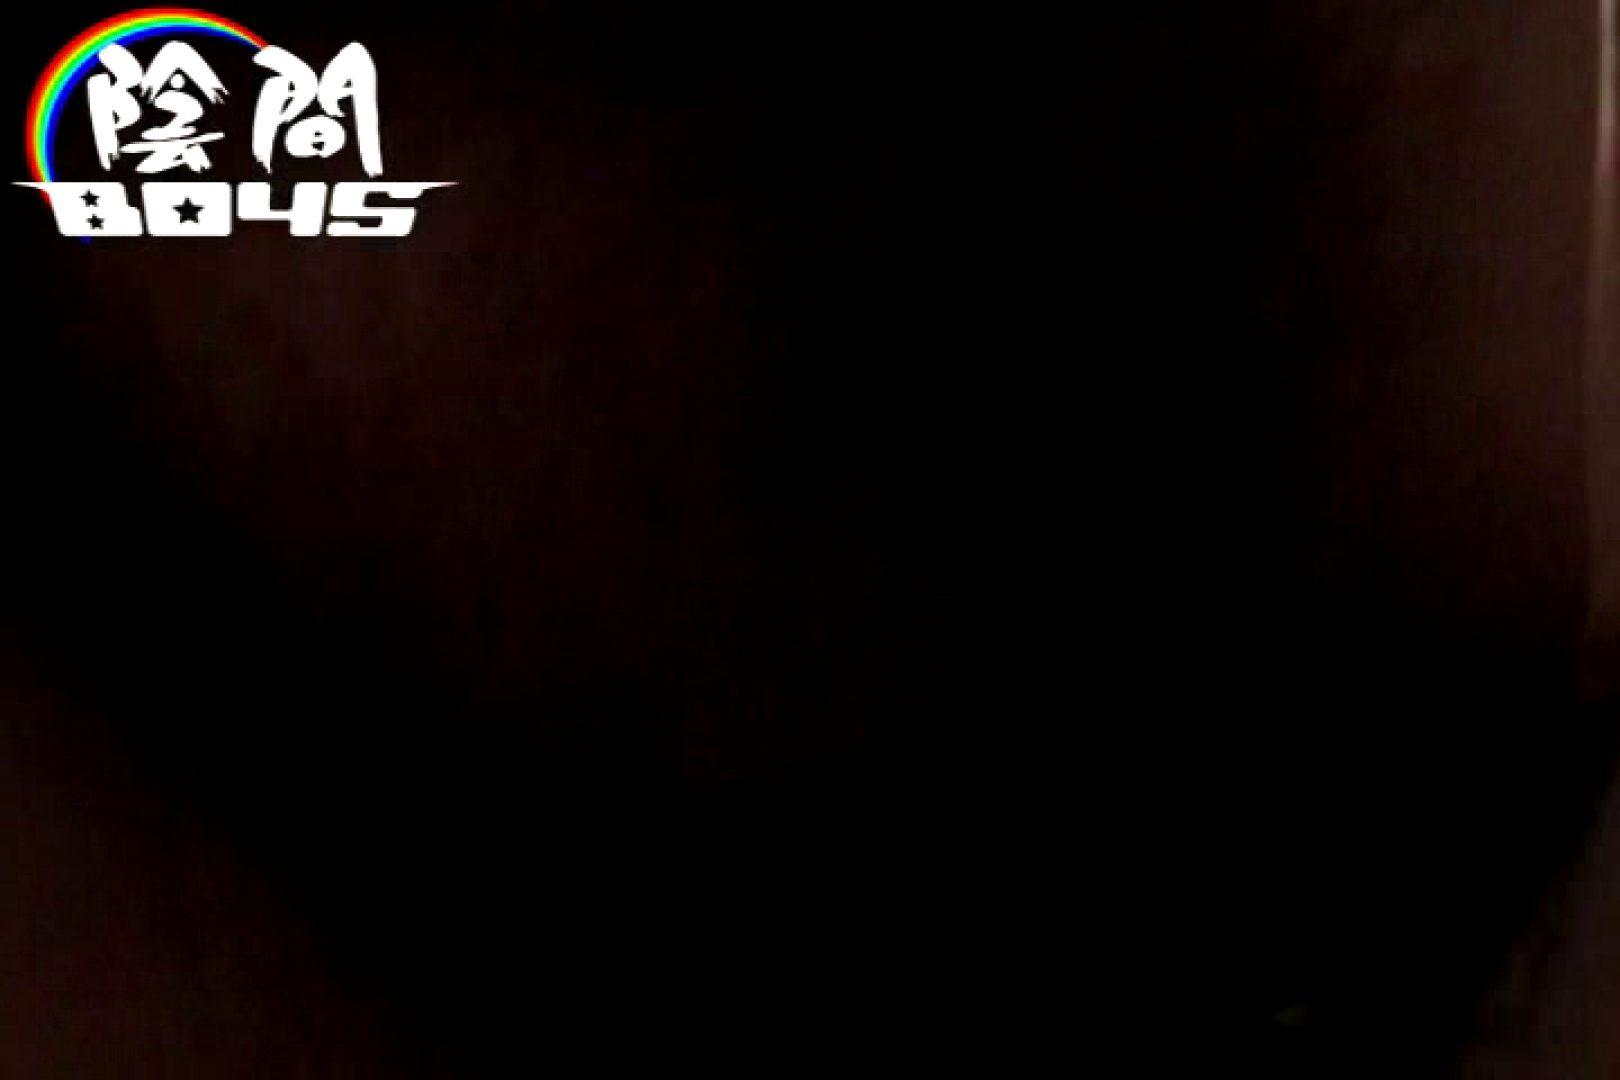 陰間BOYS~Mixed Hot-Guy~03 エロすぎる映像 ゲイ丸見え画像 52画像 19